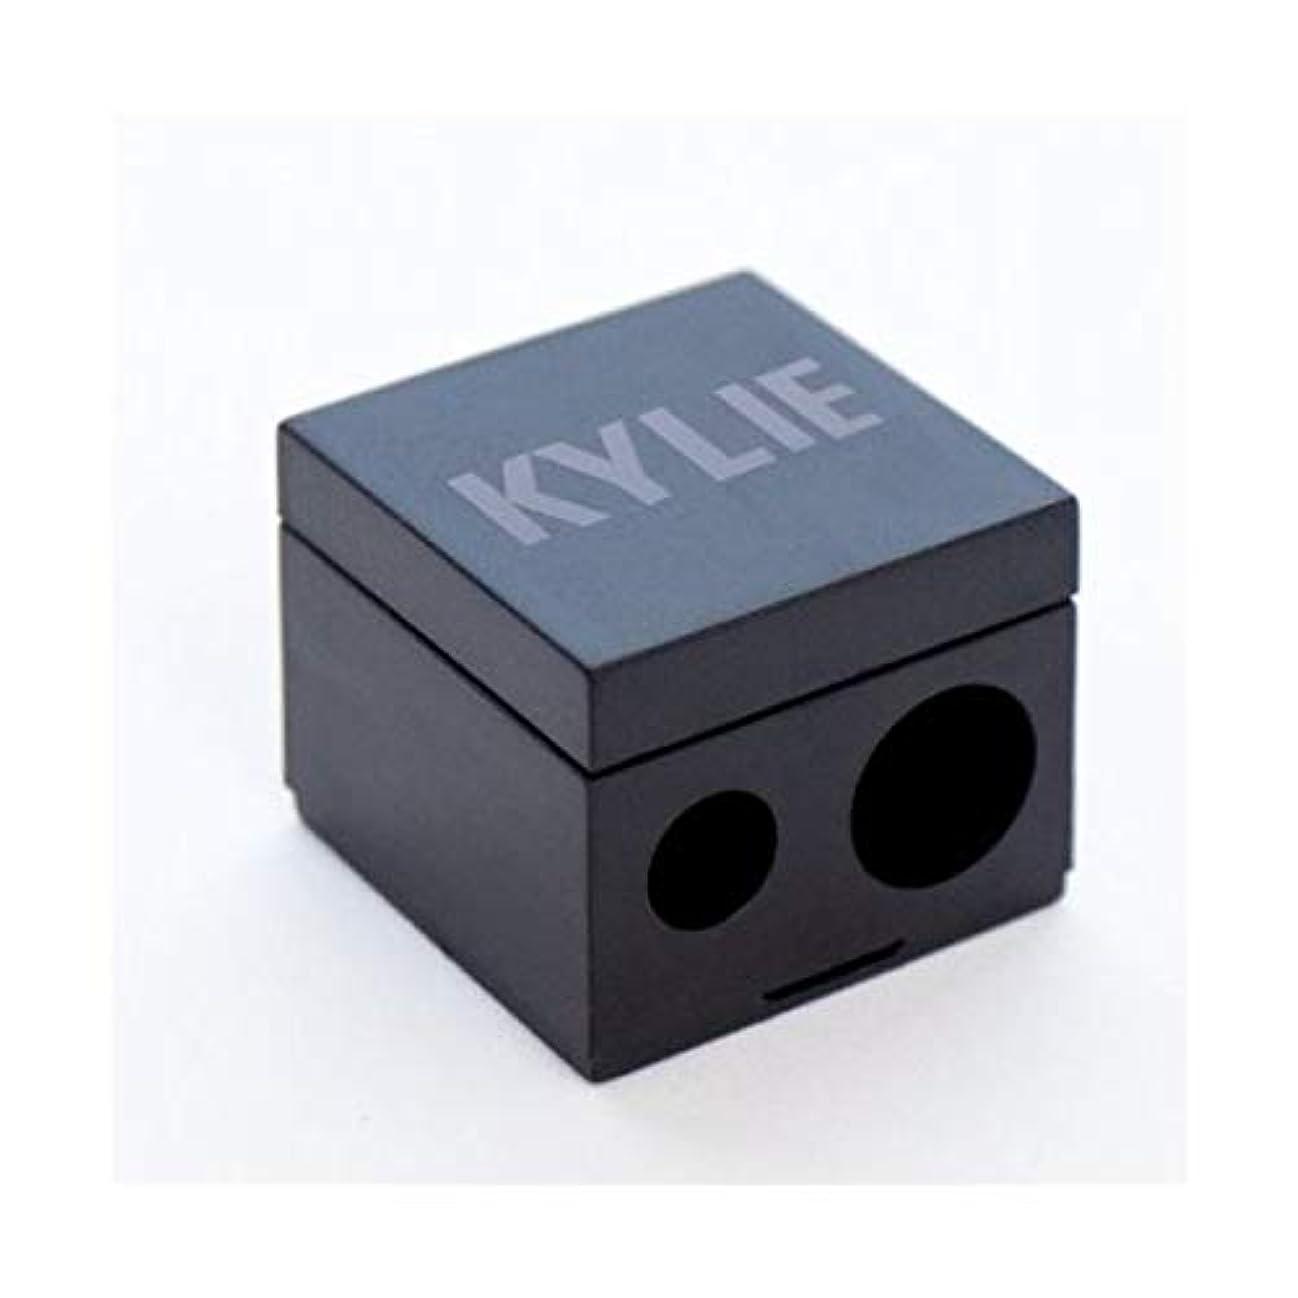 送料モナリザまたはkyliecosmetics カイリージェンナー カイリーコスメ KYLIE | PENCIL SHARPENER ペンシル削り 鉛筆削り